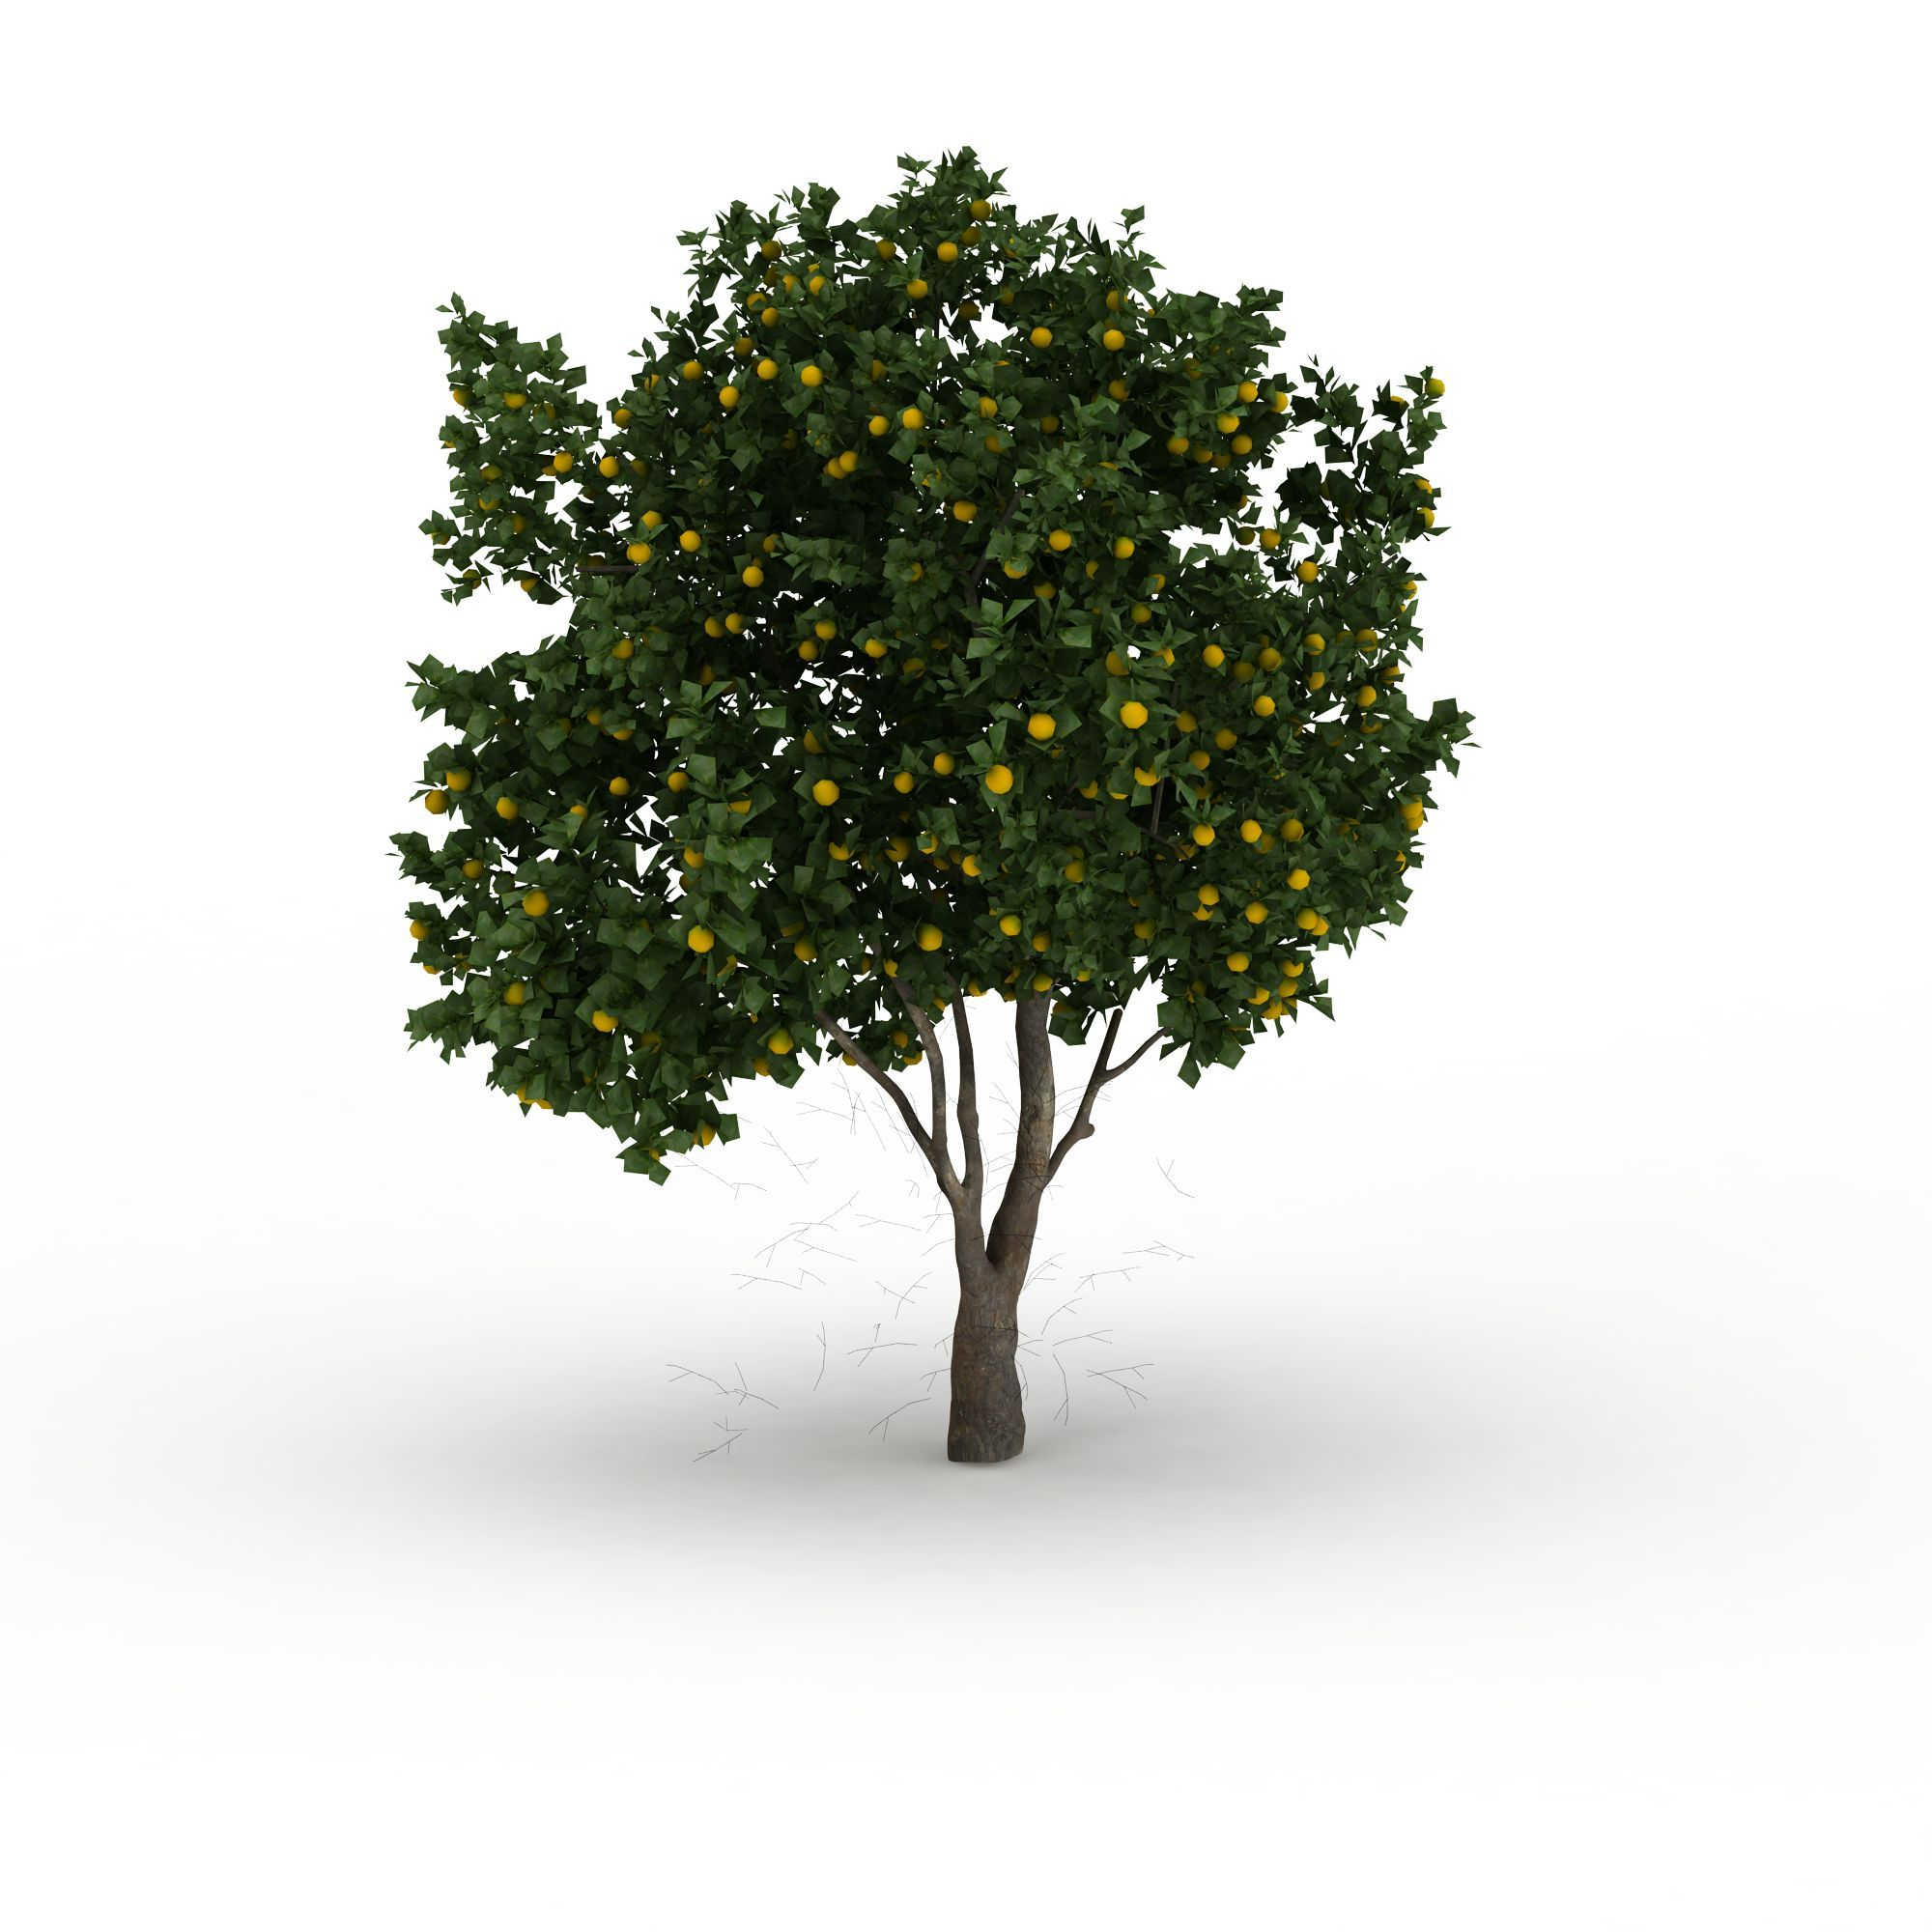 橘子树简笔画底板